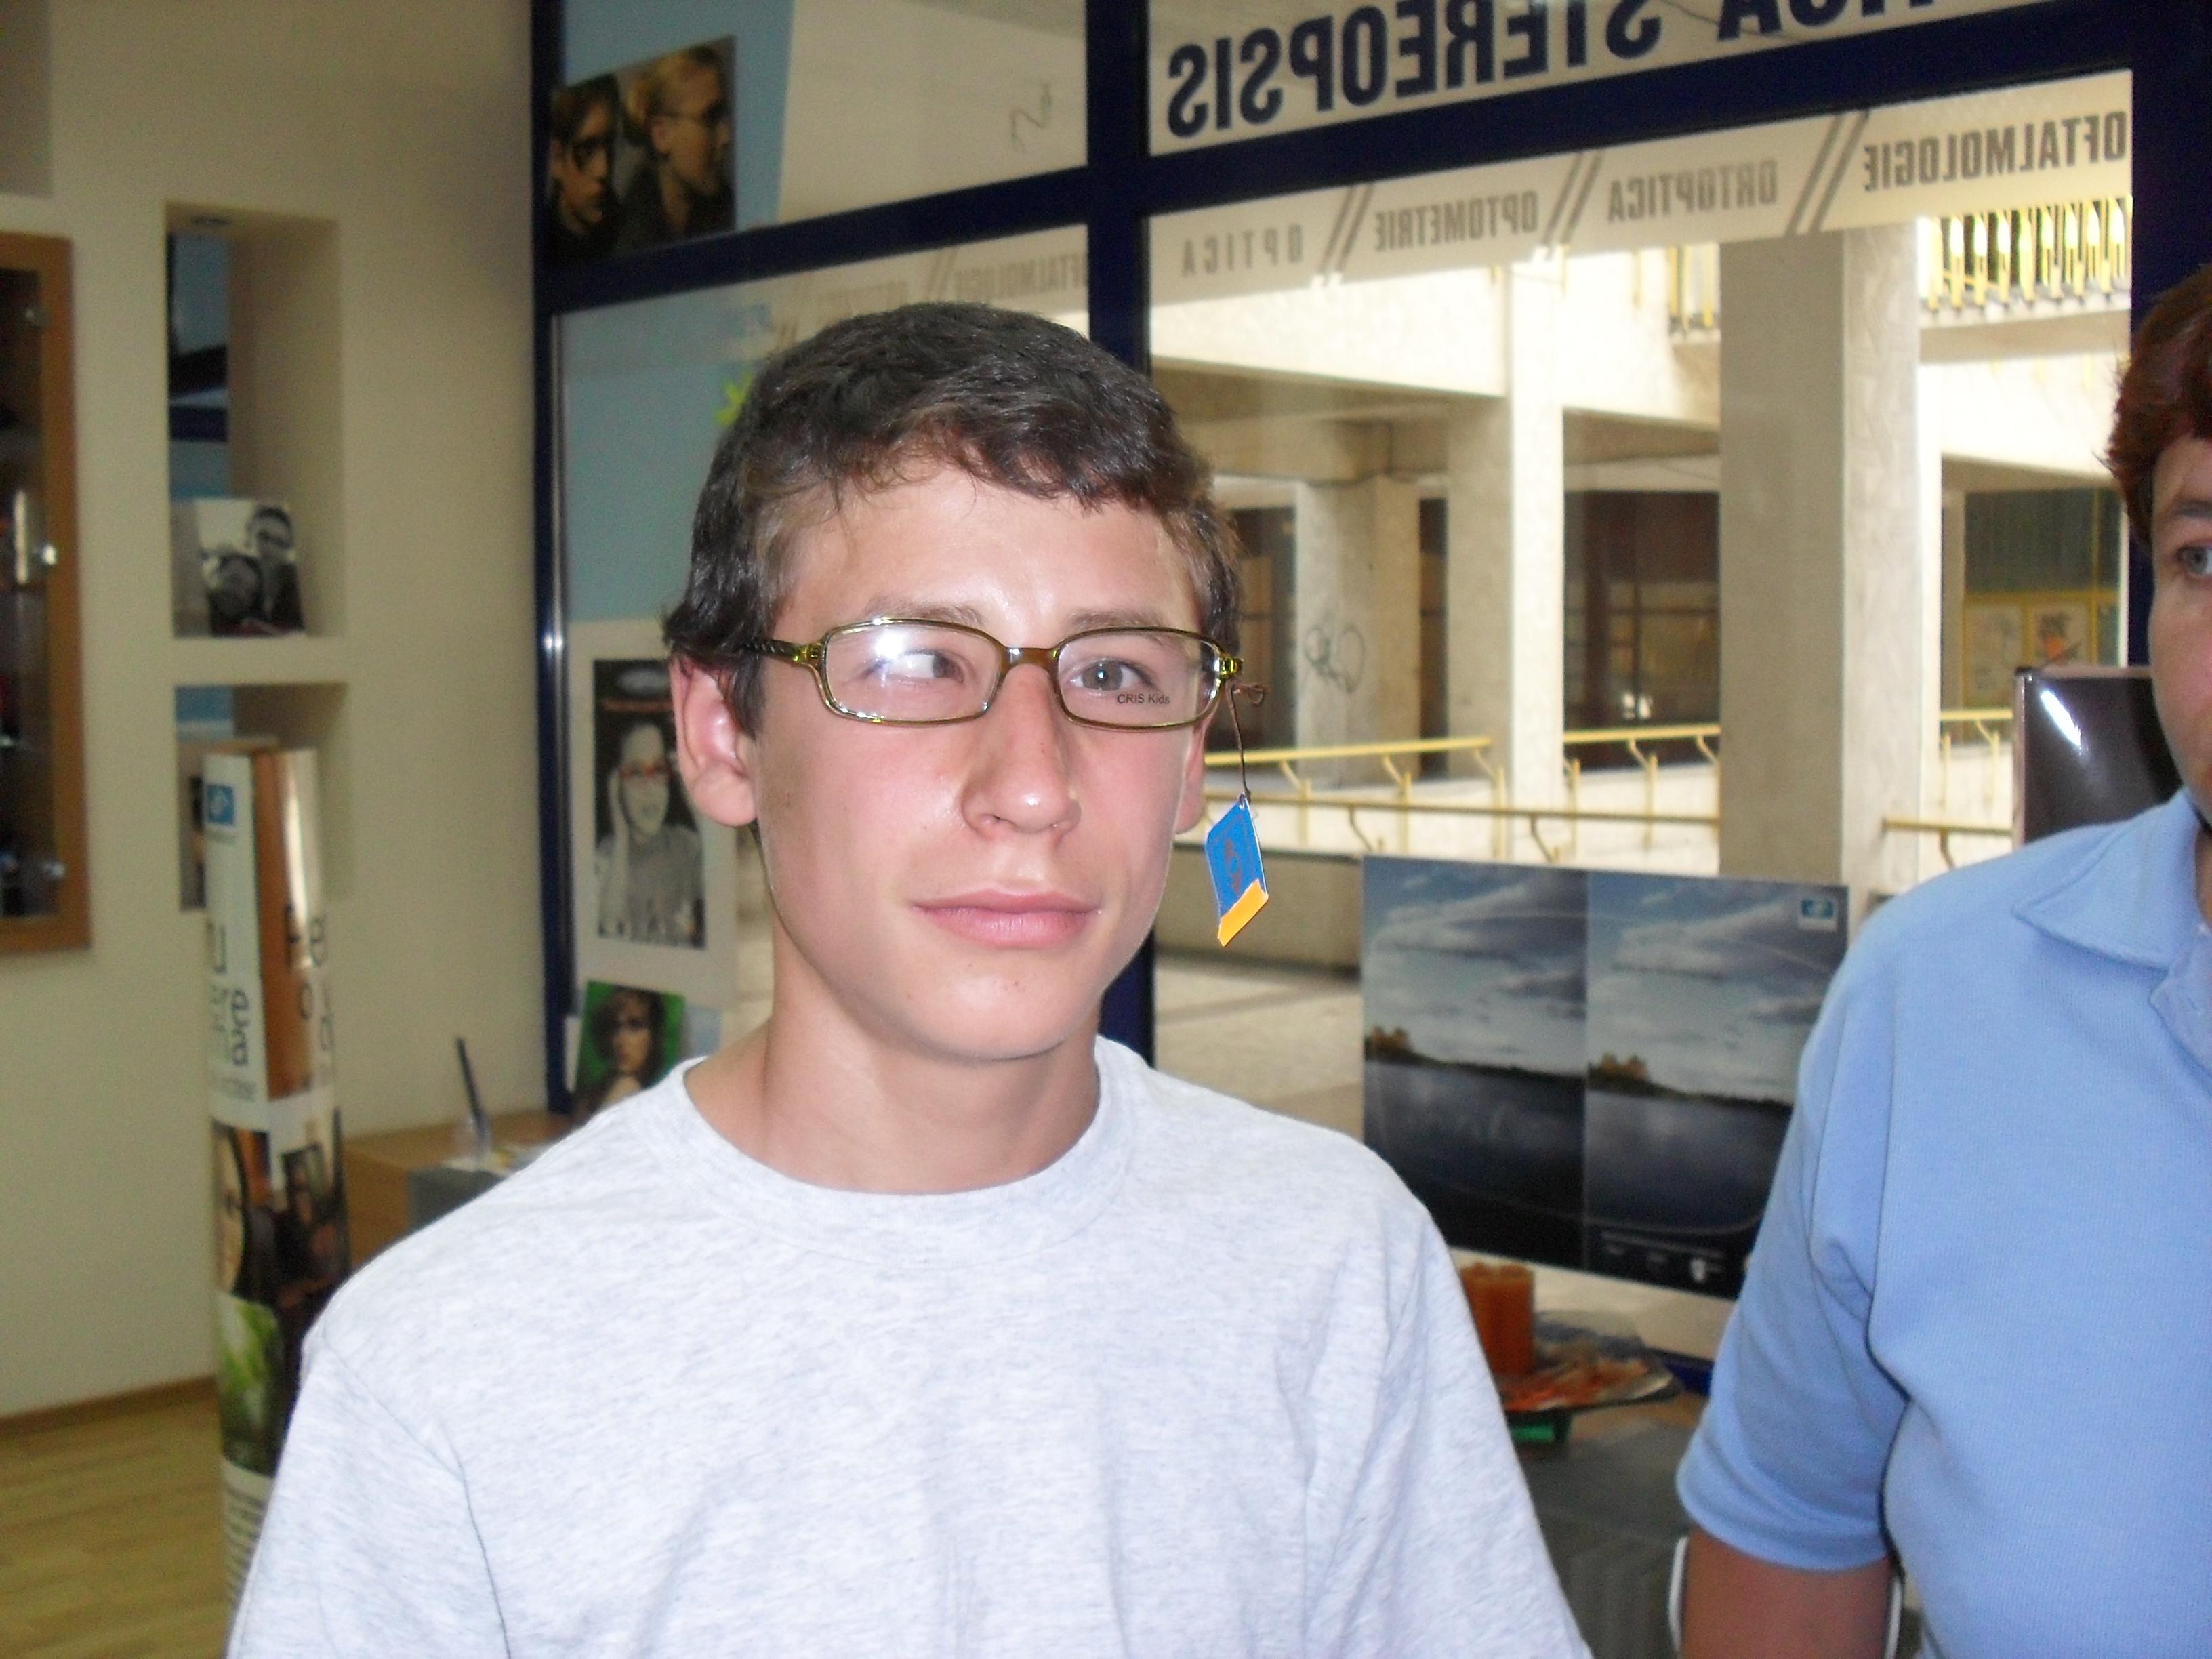 Bogdan trying on glasses.